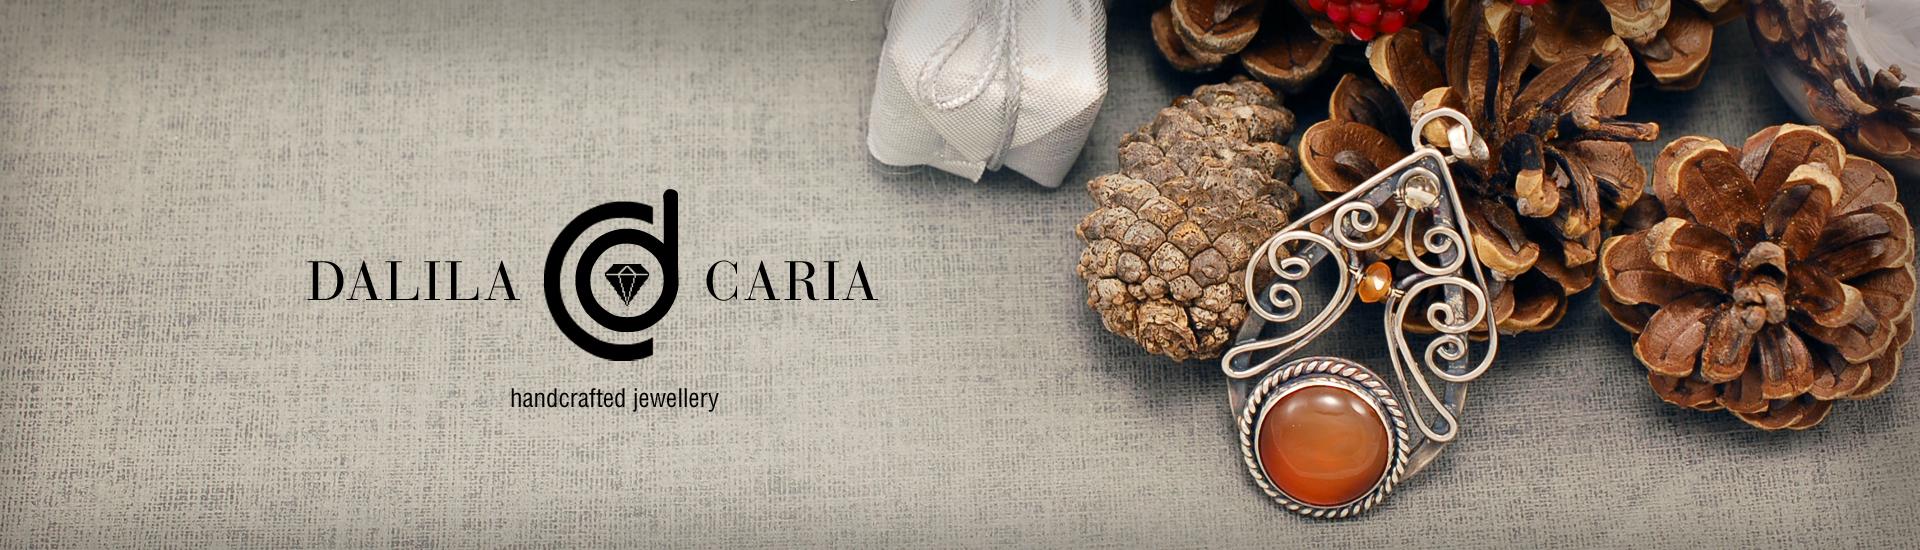 Dalila Caria